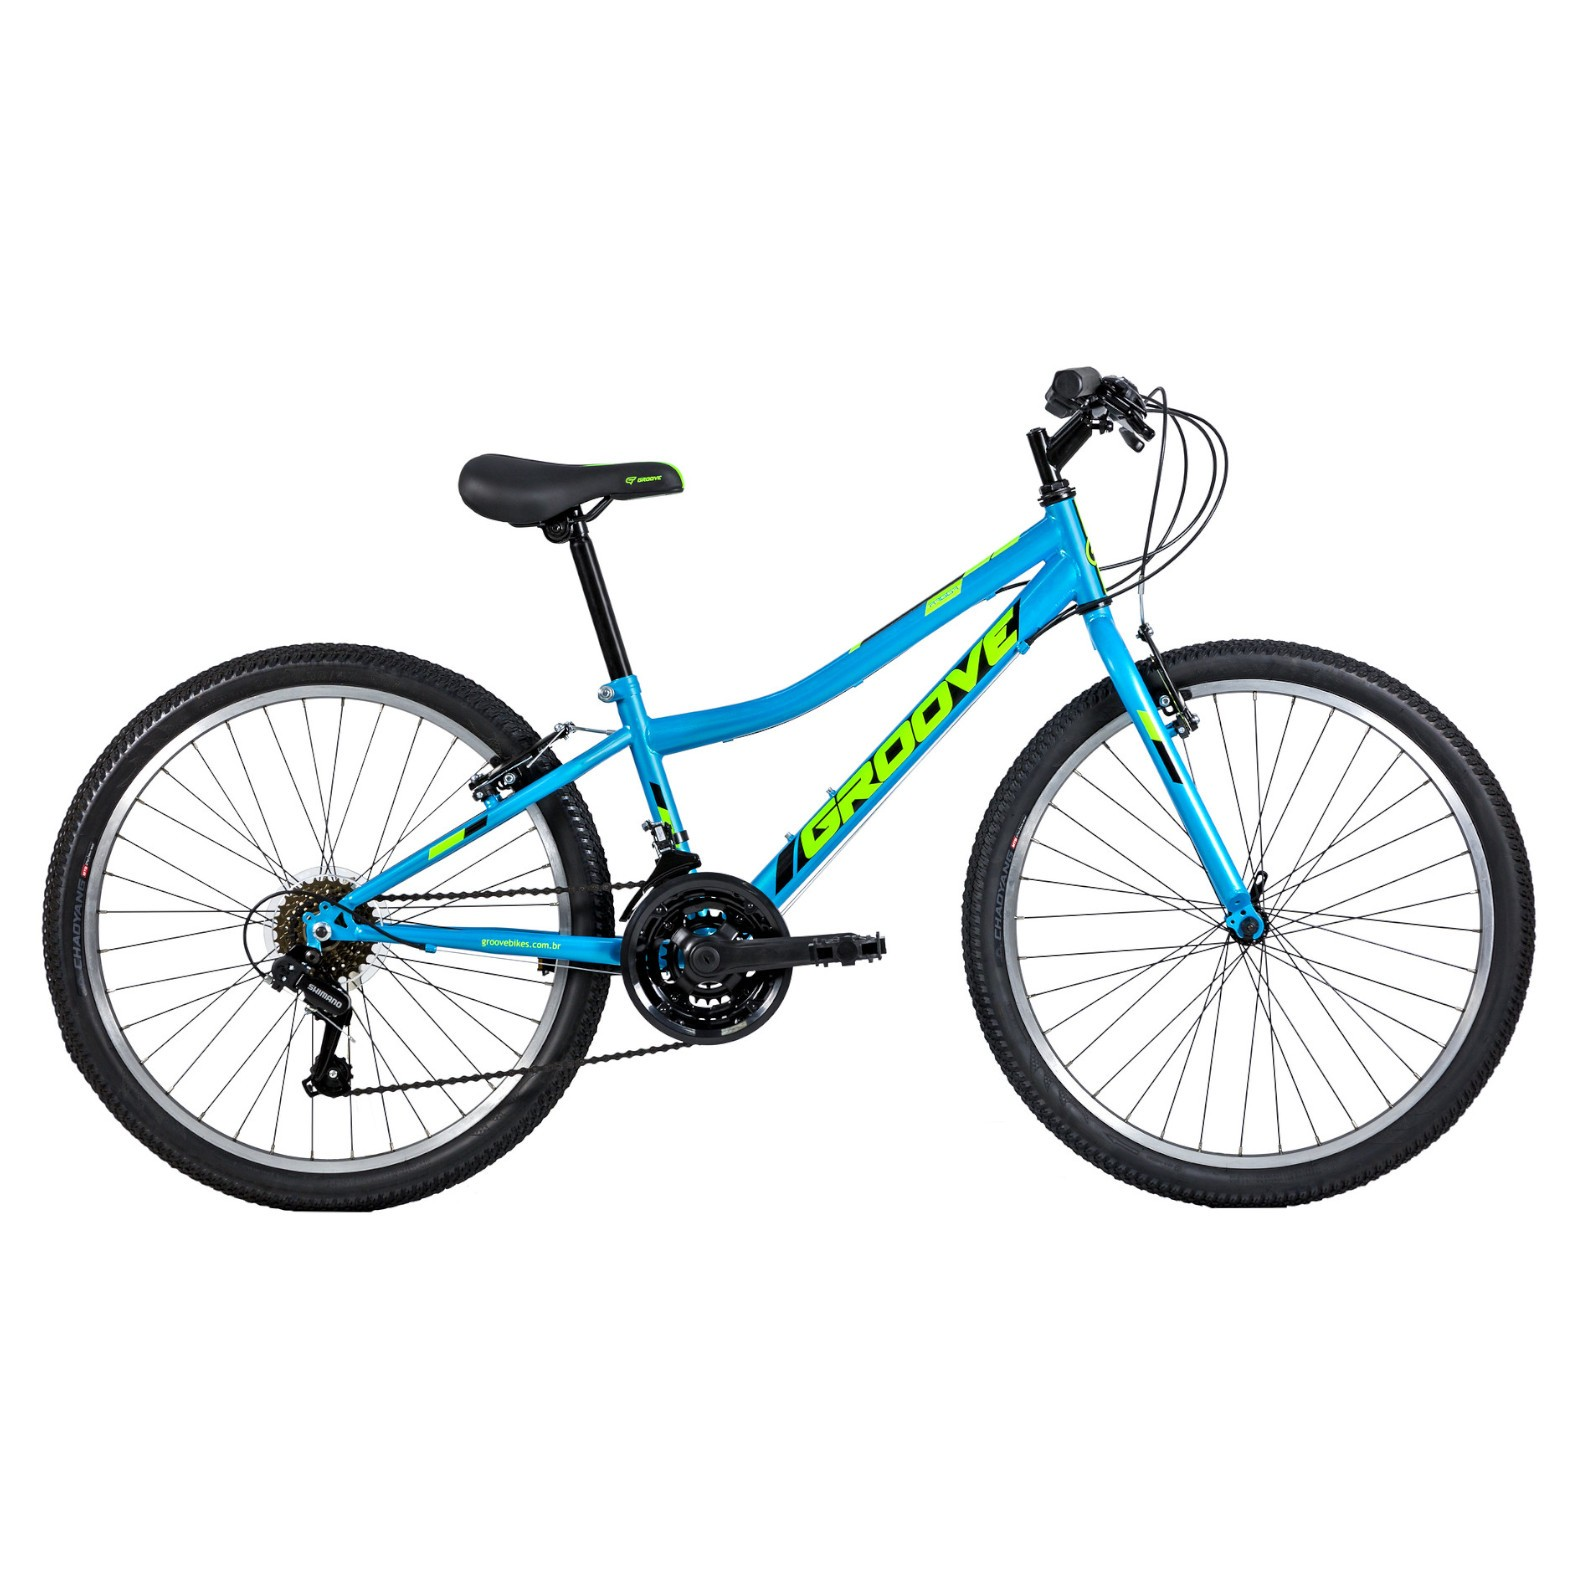 Bicicleta Infantil Groove Ragga Aro 24 21v 2021